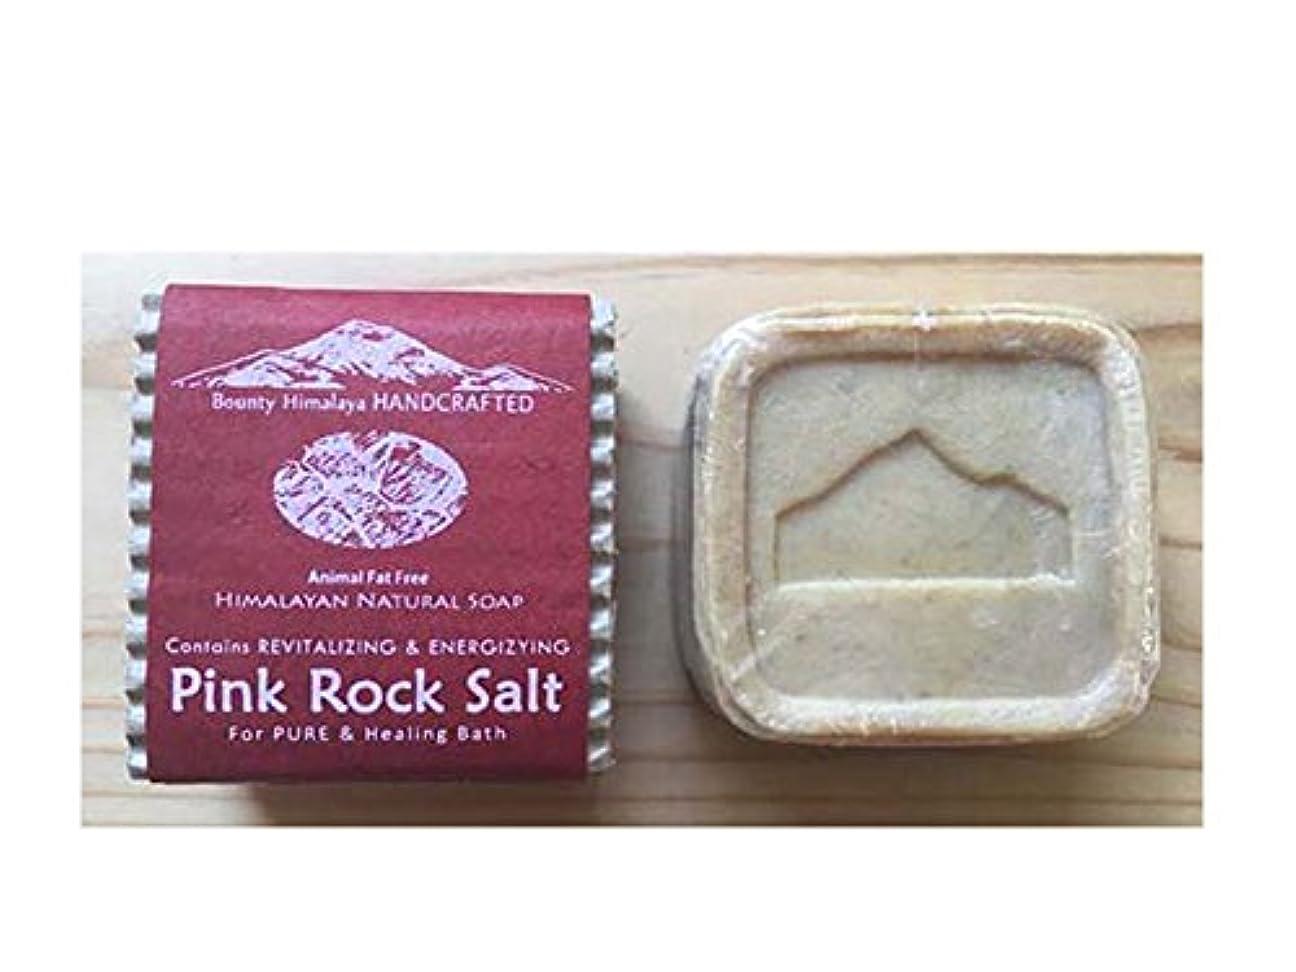 お嬢不機嫌そうな不当アーユルヴェーダ ヒマラヤ?ロッキーソープ(ピンクロックソルトソープ) Bounty Himalaya Pink Rock Salt SOAP(NEPAL AYURVEDA) 100g